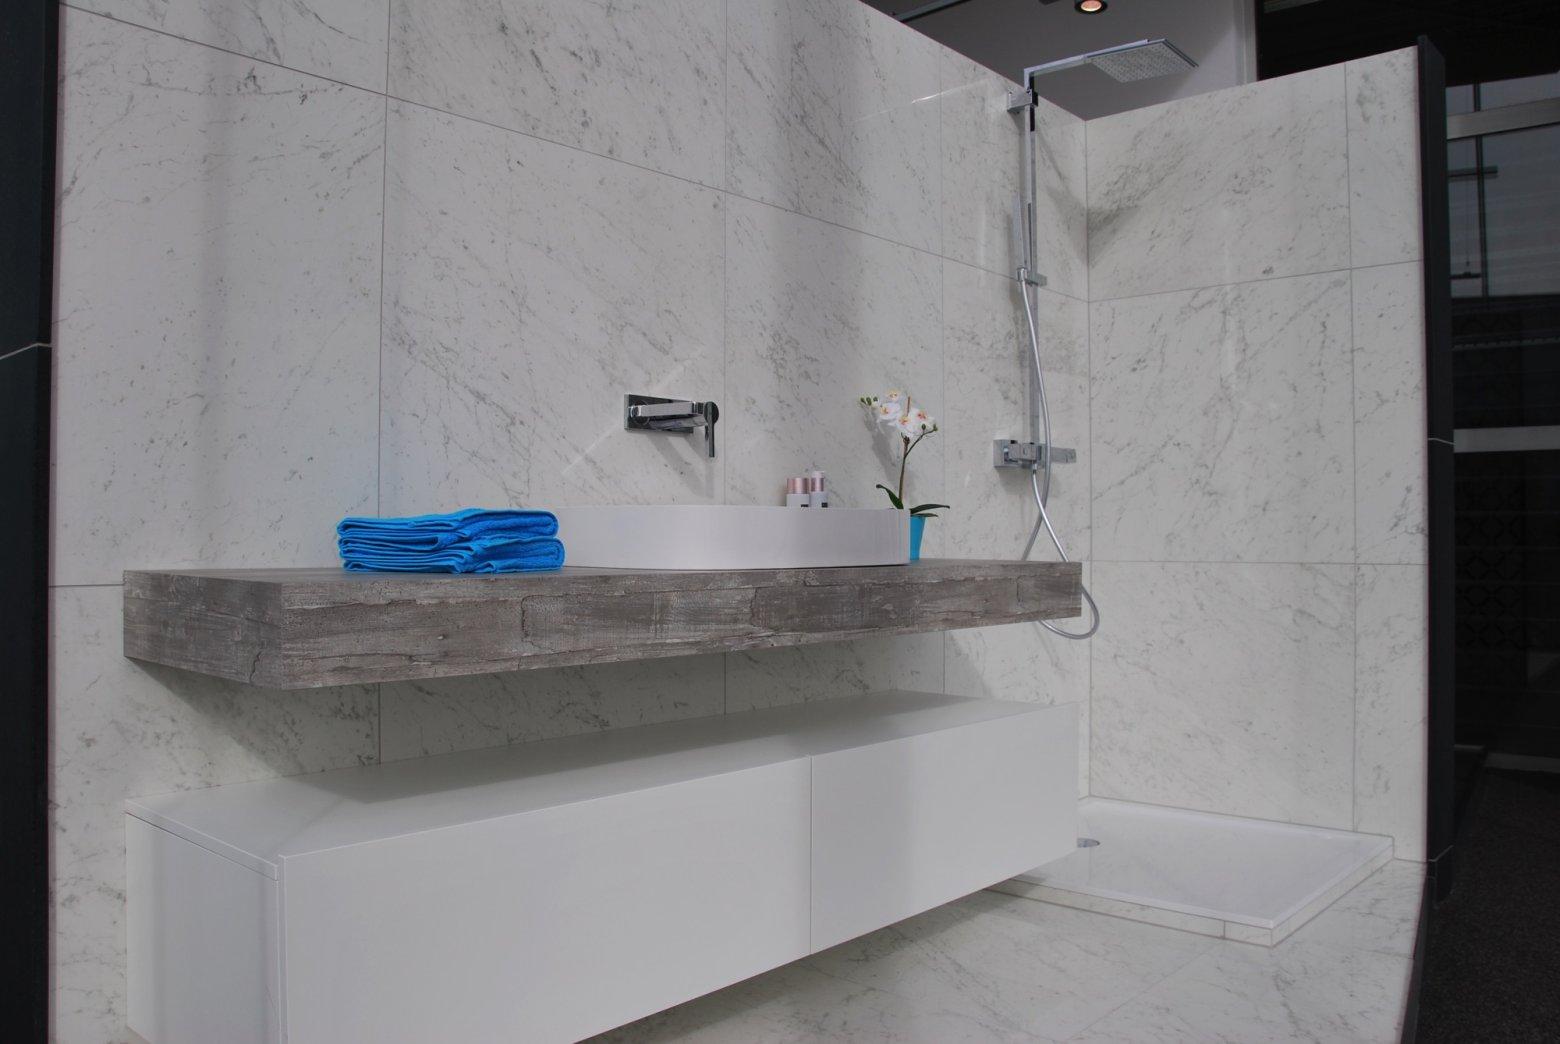 Ideeen Badkamer Renovatie : Van calster toonzaal in antwerpen